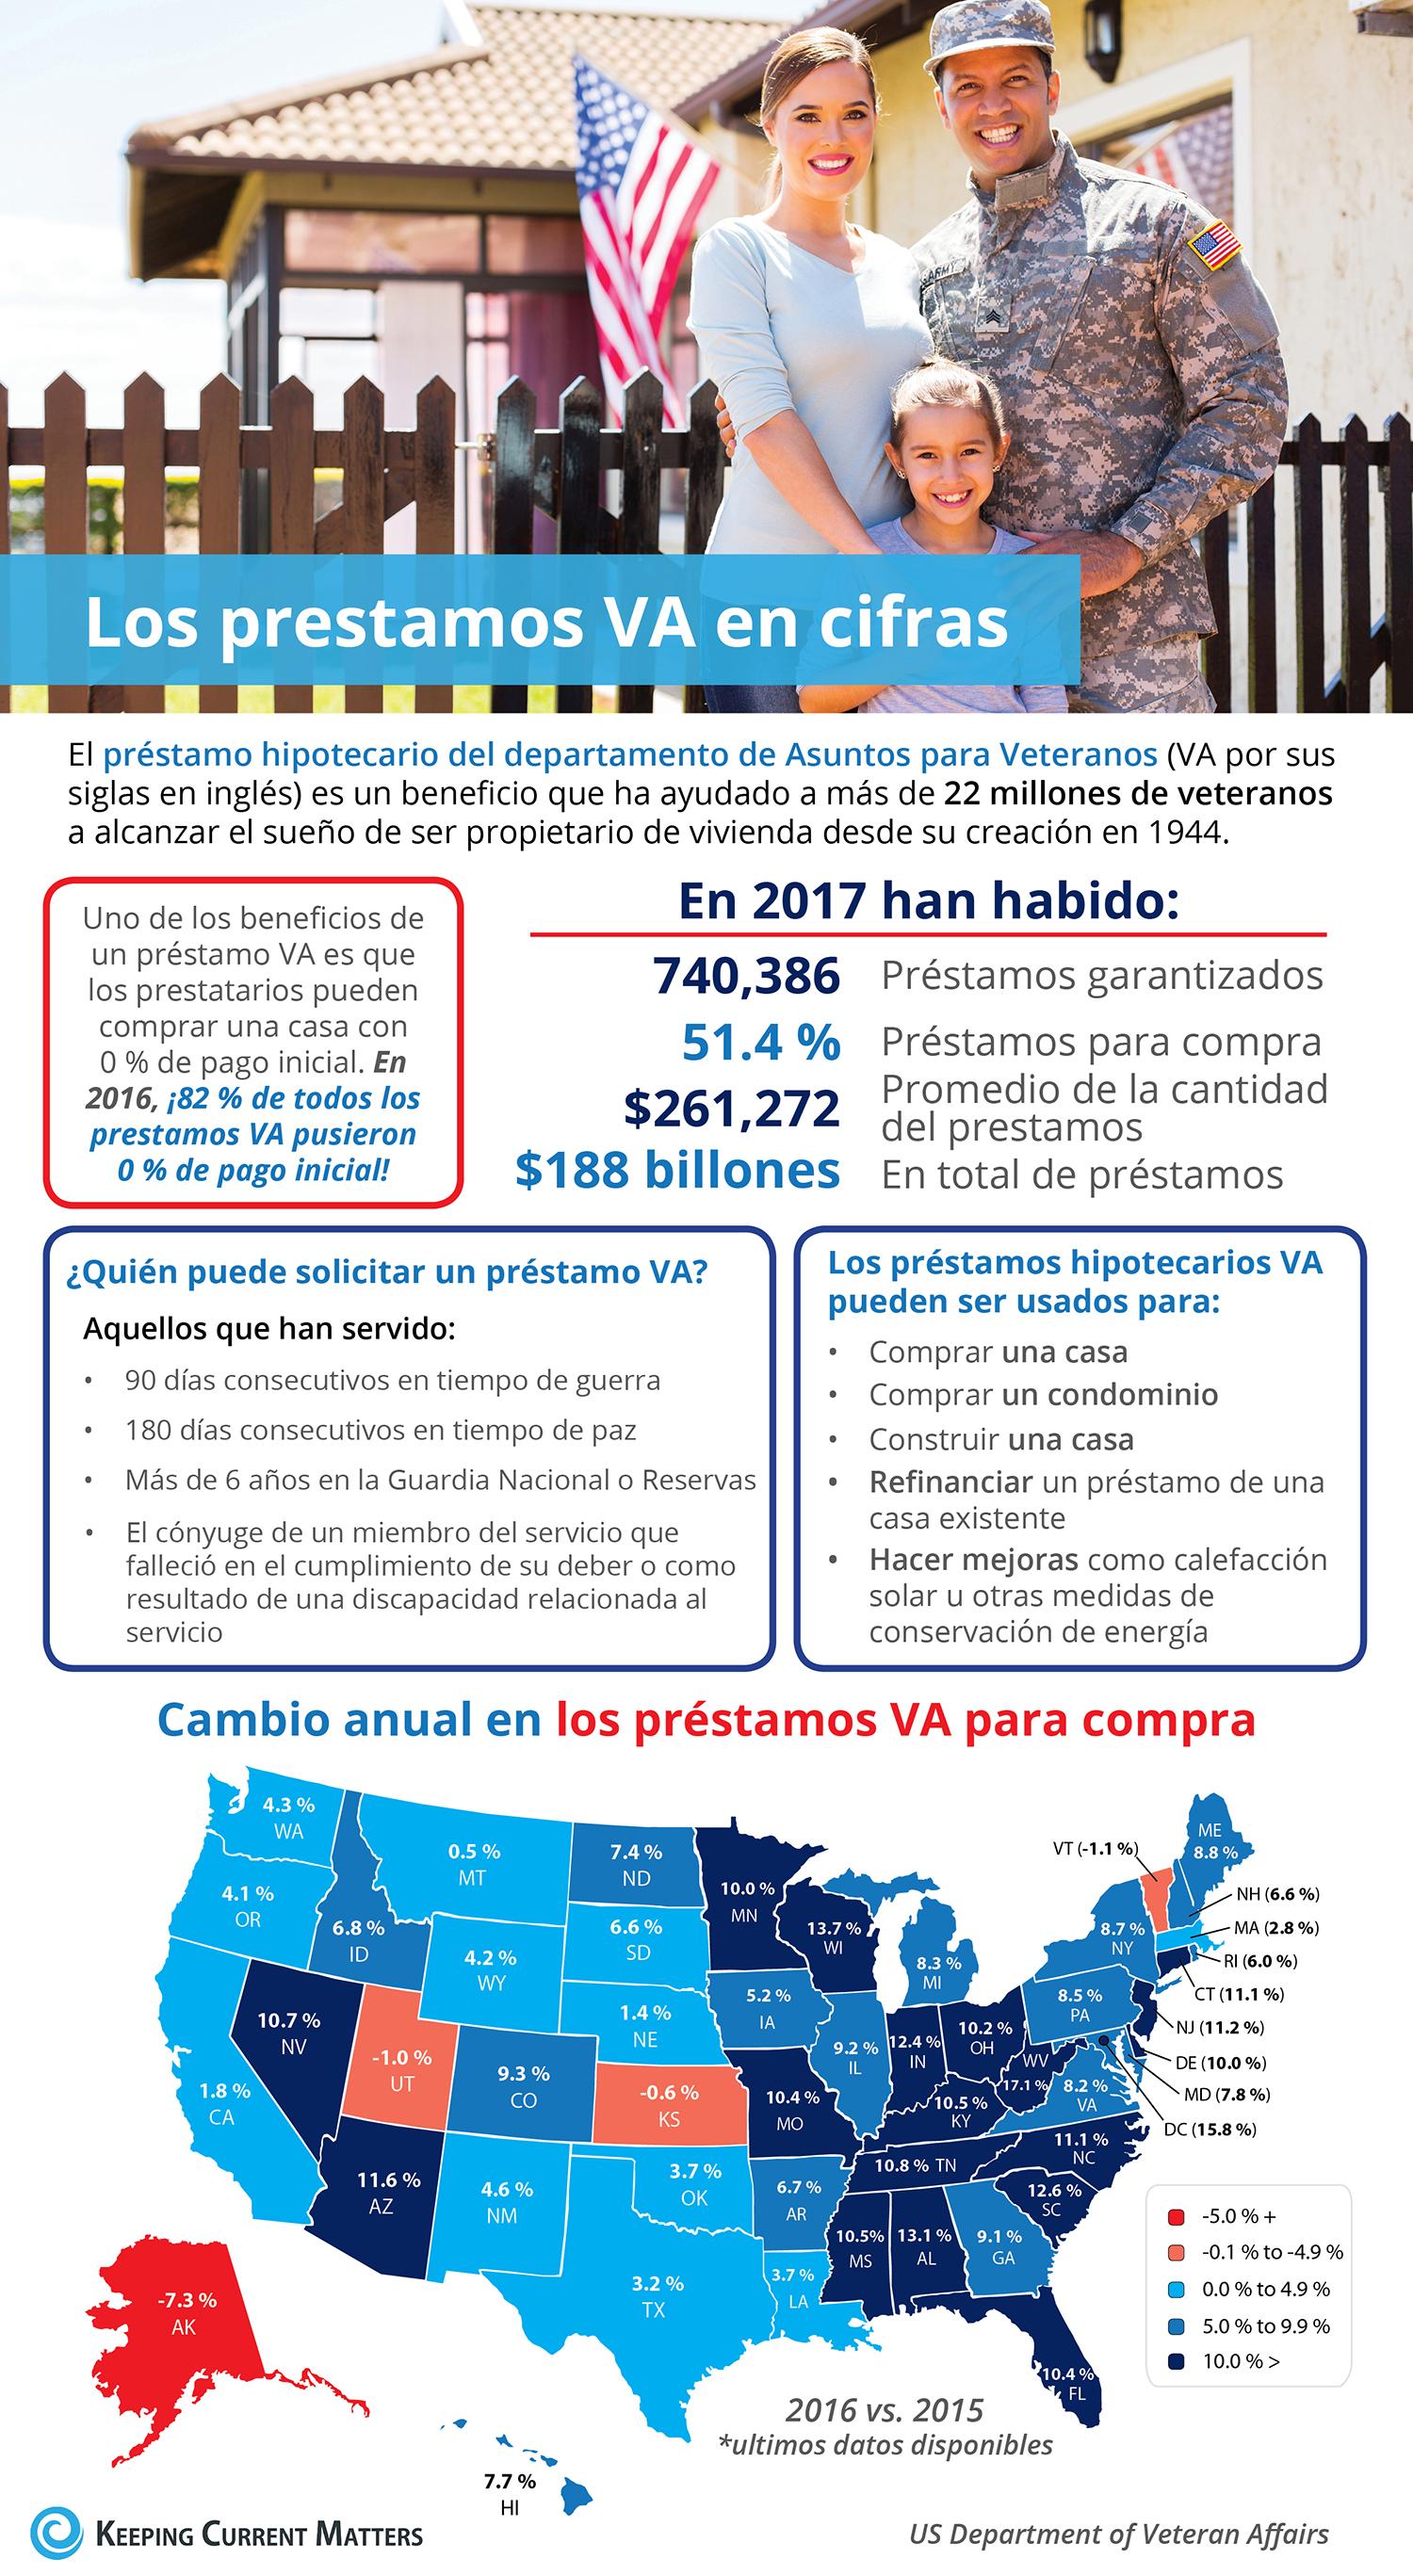 Los préstamos hipotecarios del departamento de Asuntos para Veteranos en cifras [infografía] | Keeping Current Matters